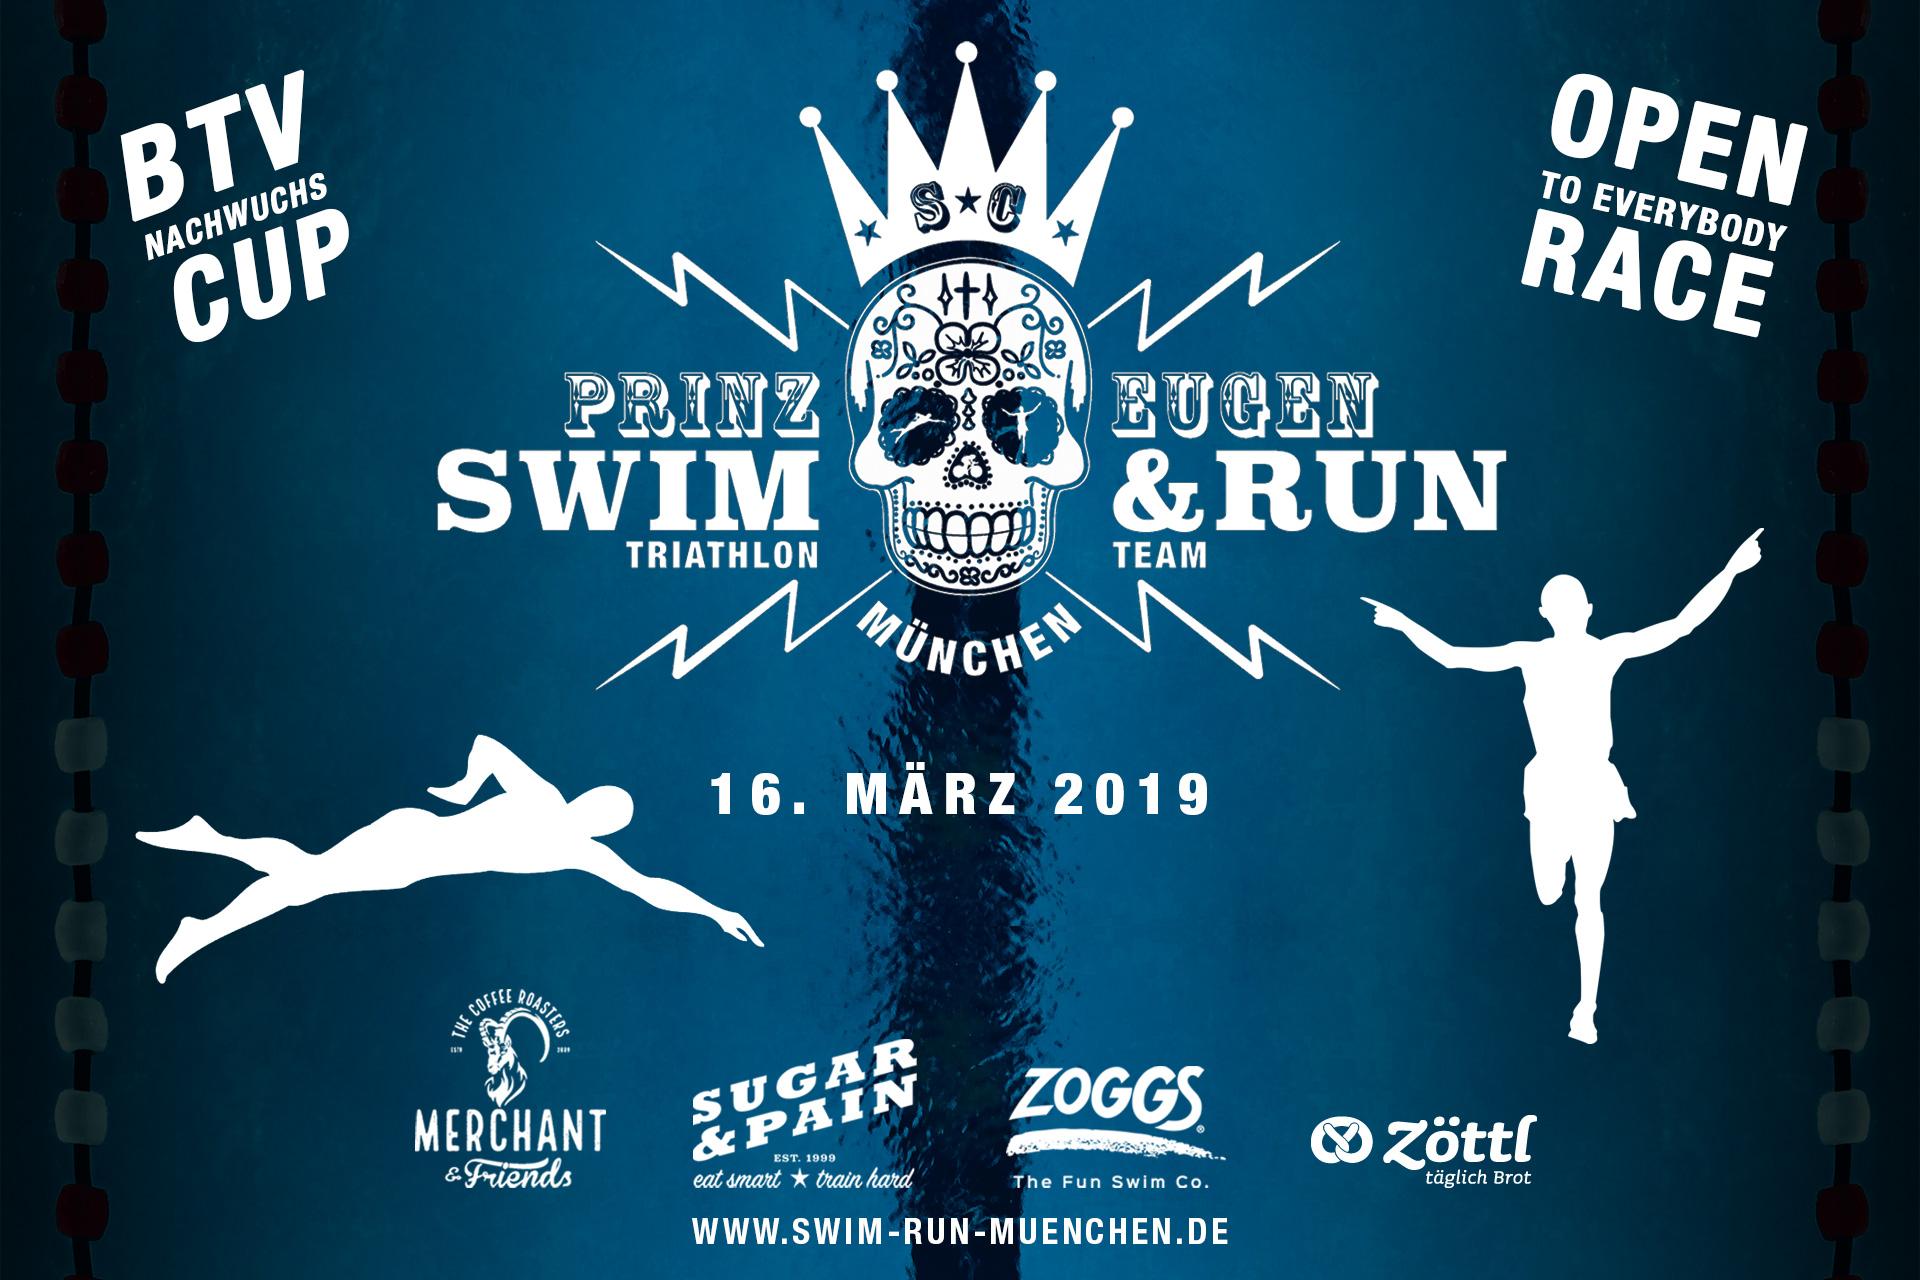 SWIM 'N' RUN MÜNCHEN Der perfekte Auftakt in die Triathlon Saison 2019 FLYER